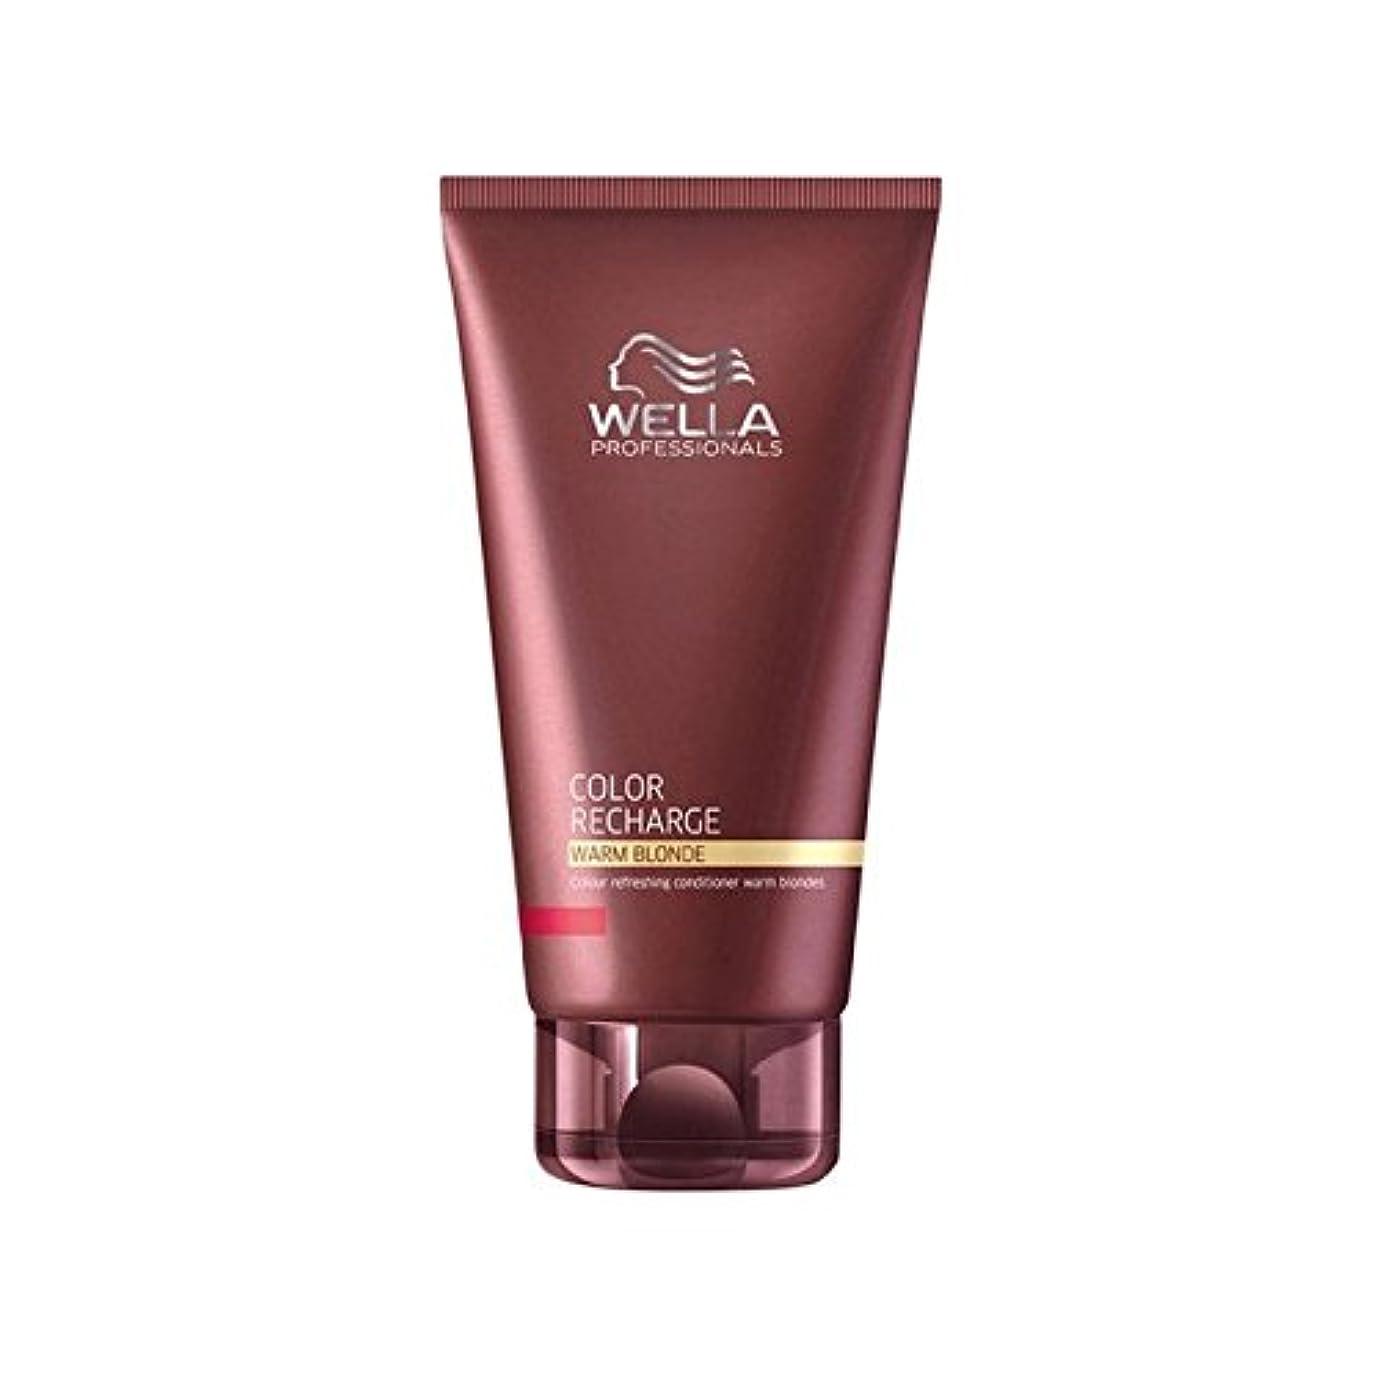 直感あからさまナイトスポットウエラ専門家のカラー再充電コンディショナー暖かいブロンド(200ミリリットル) x2 - Wella Professionals Color Recharge Conditioner Warm Blonde (200ml...